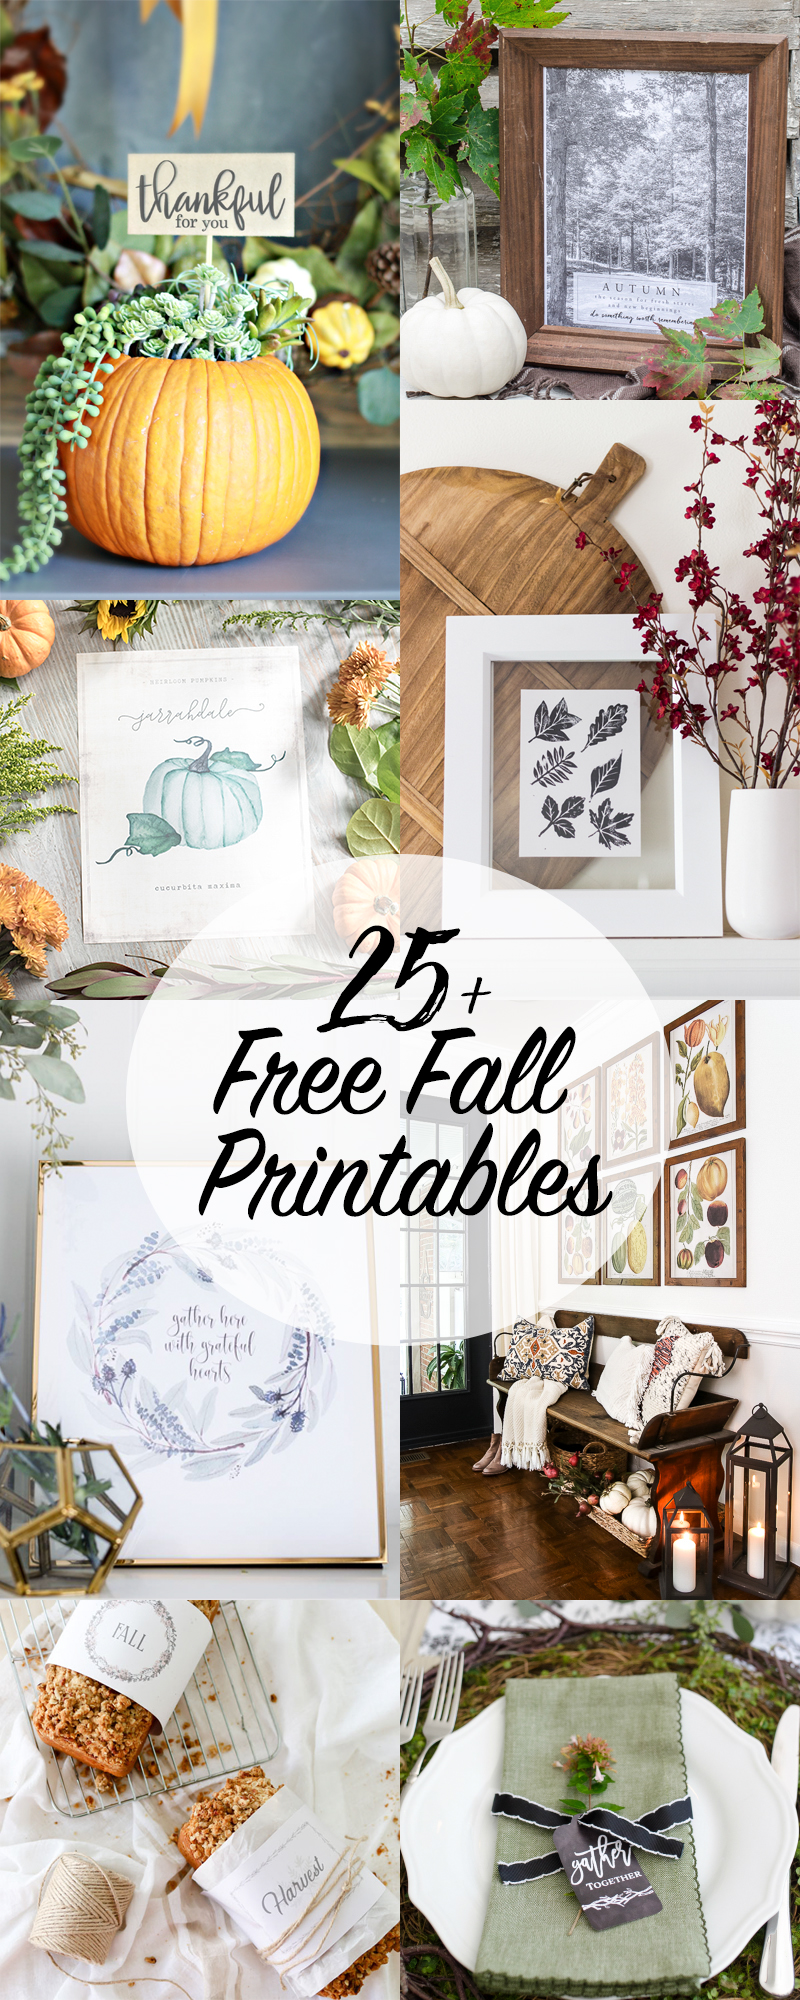 25 Free Fall Printables kellyelko.com